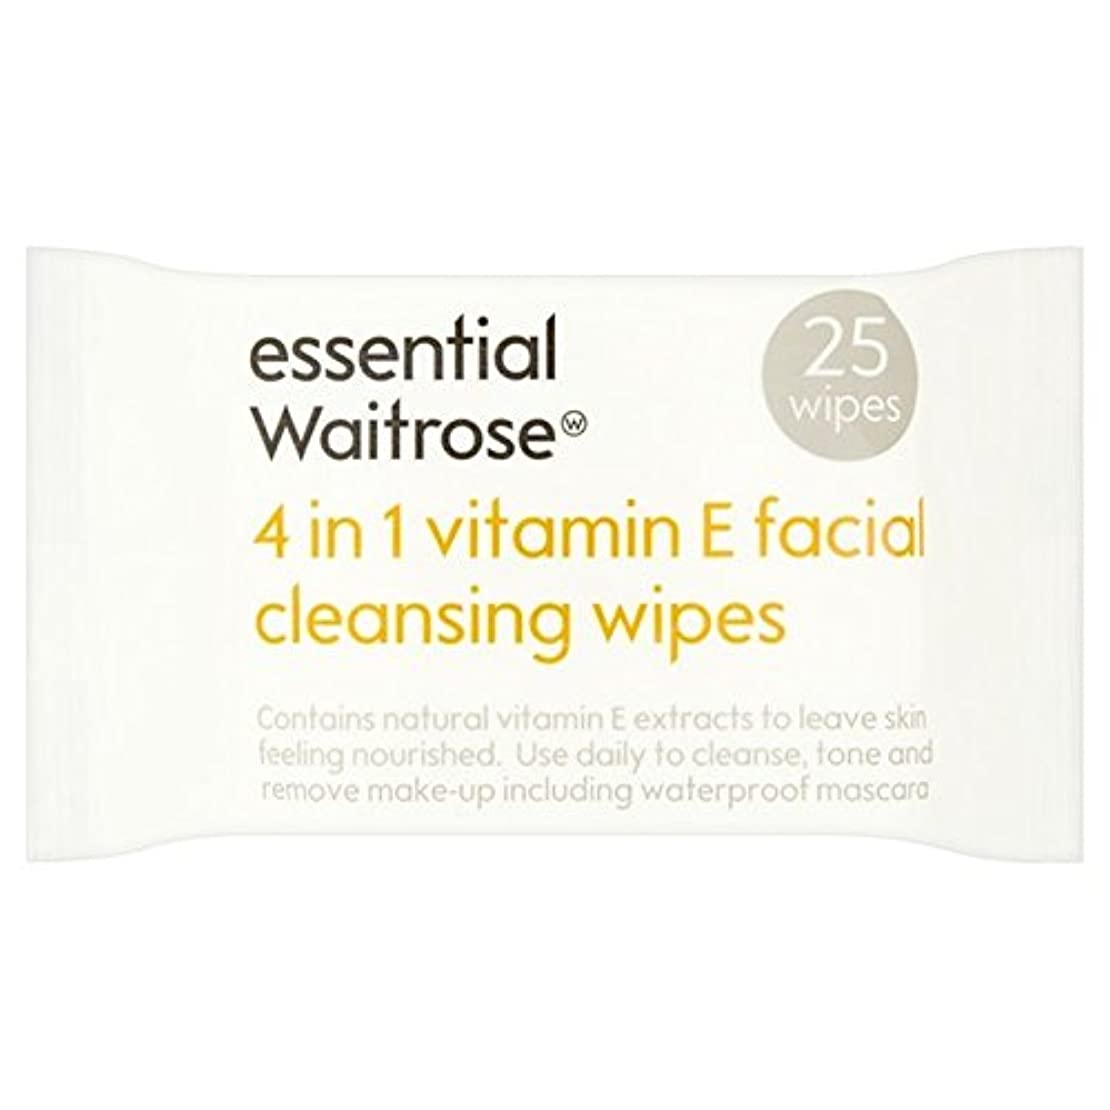 証明書ホテルファイアル1つのクレンジングで4不可欠パックあたりのビタミンウェイトローズ25ワイプ x2 - Essential 4 in 1 Cleansing Wipes Vitamin E Waitrose 25 per pack (Pack...